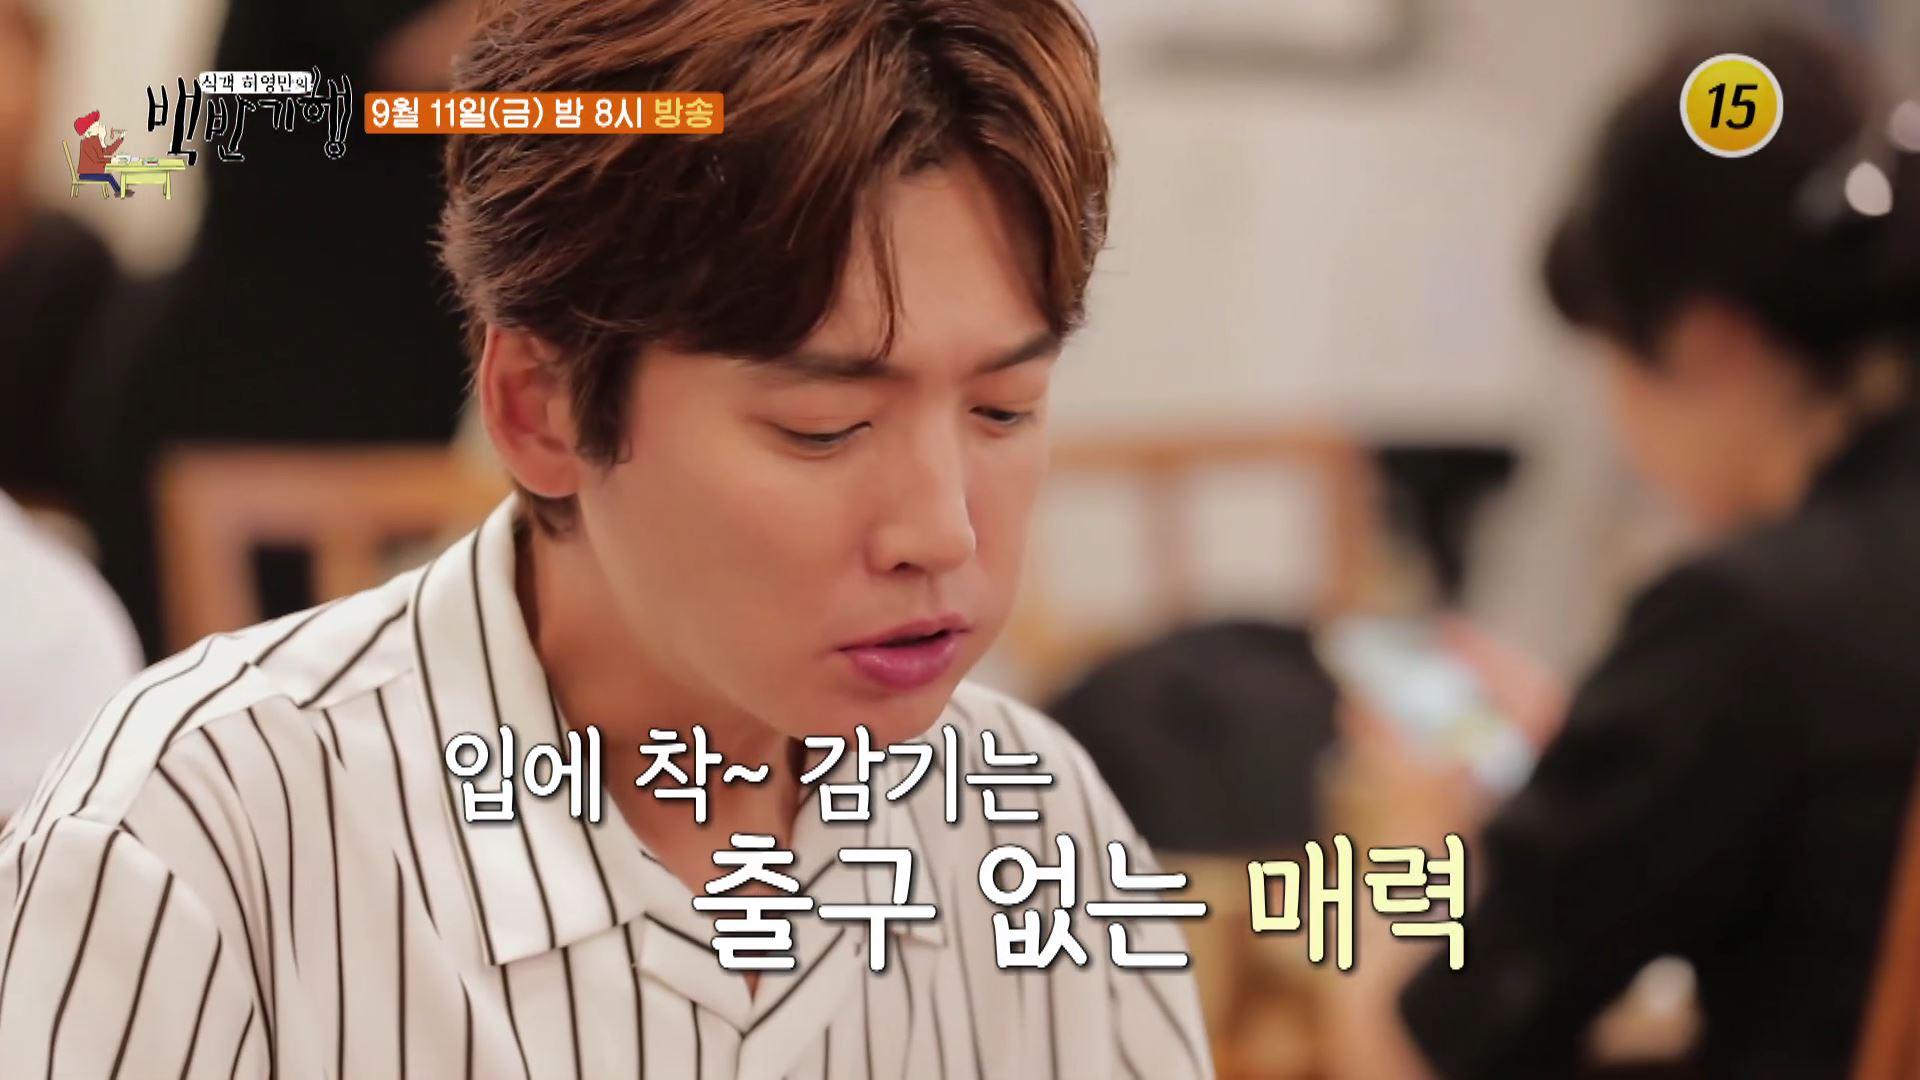 맛있는 봉주르~ 서울 서래마을 밥상_허영만의 백반기행 68회 예고  이미지